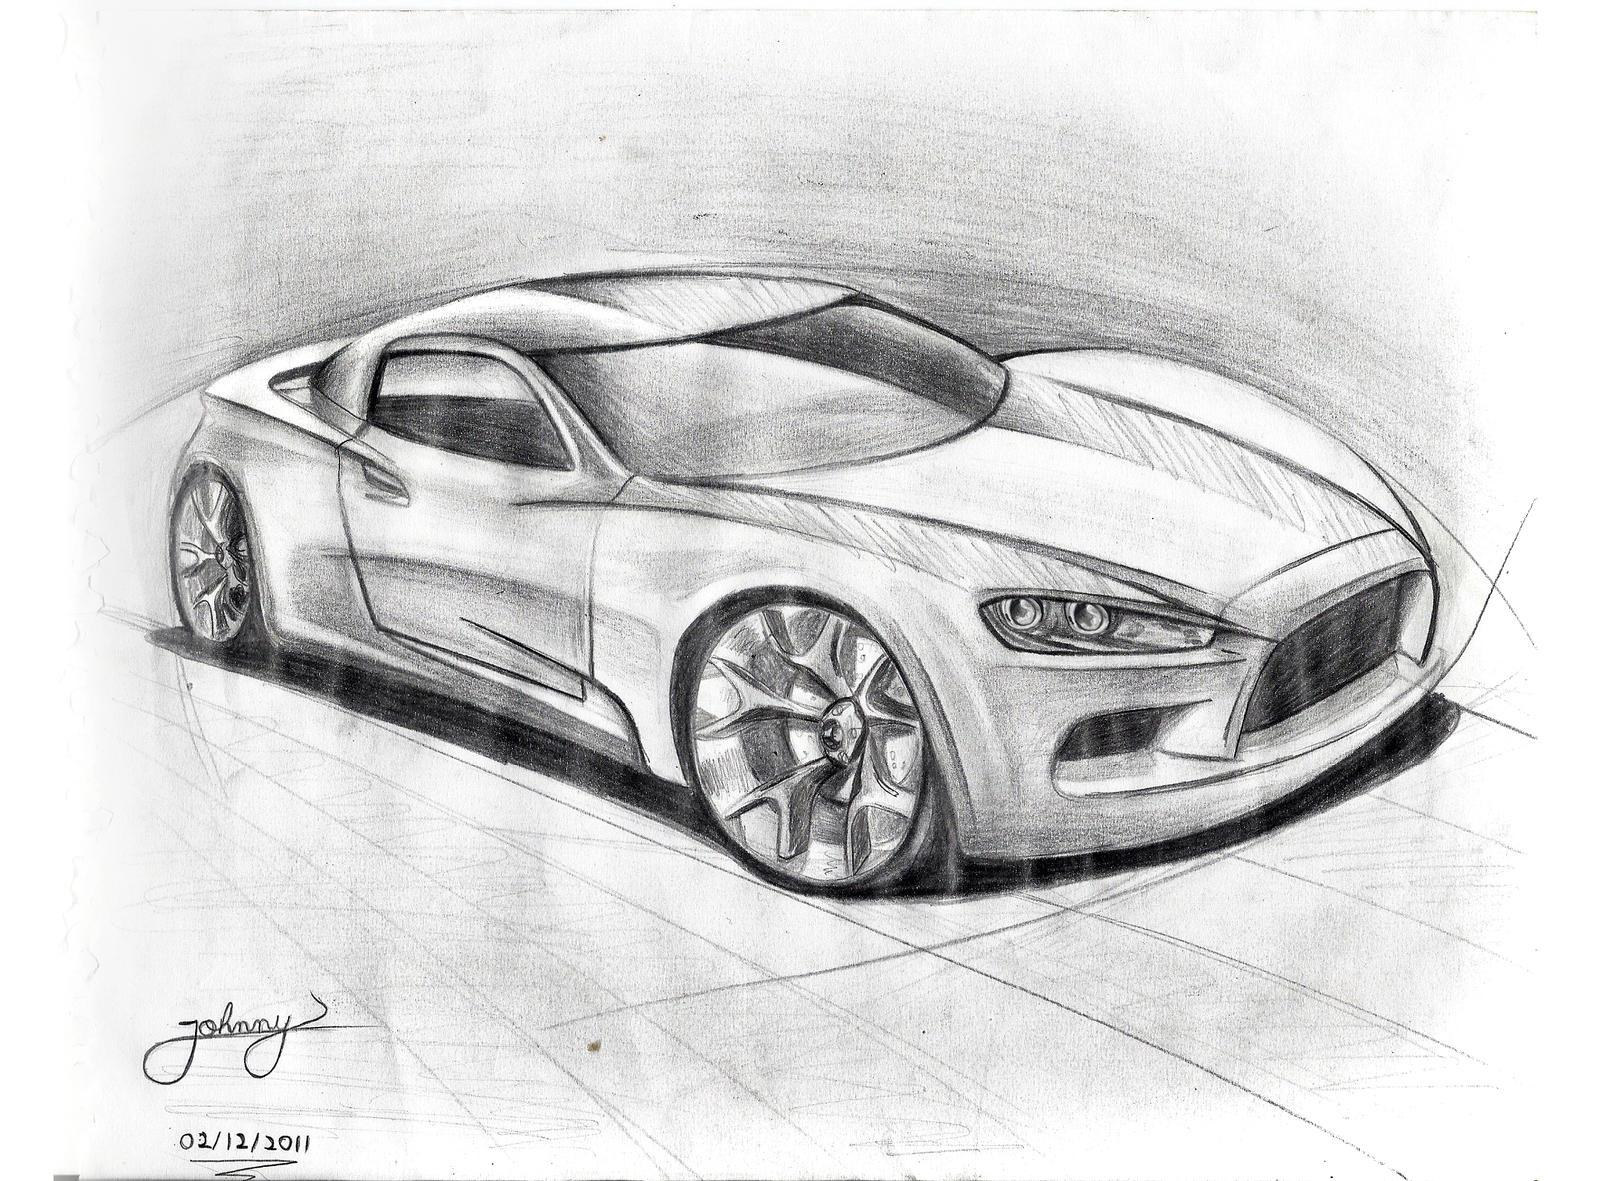 By JoHnnY Car Sketch Johnny Designer On DeviantArt